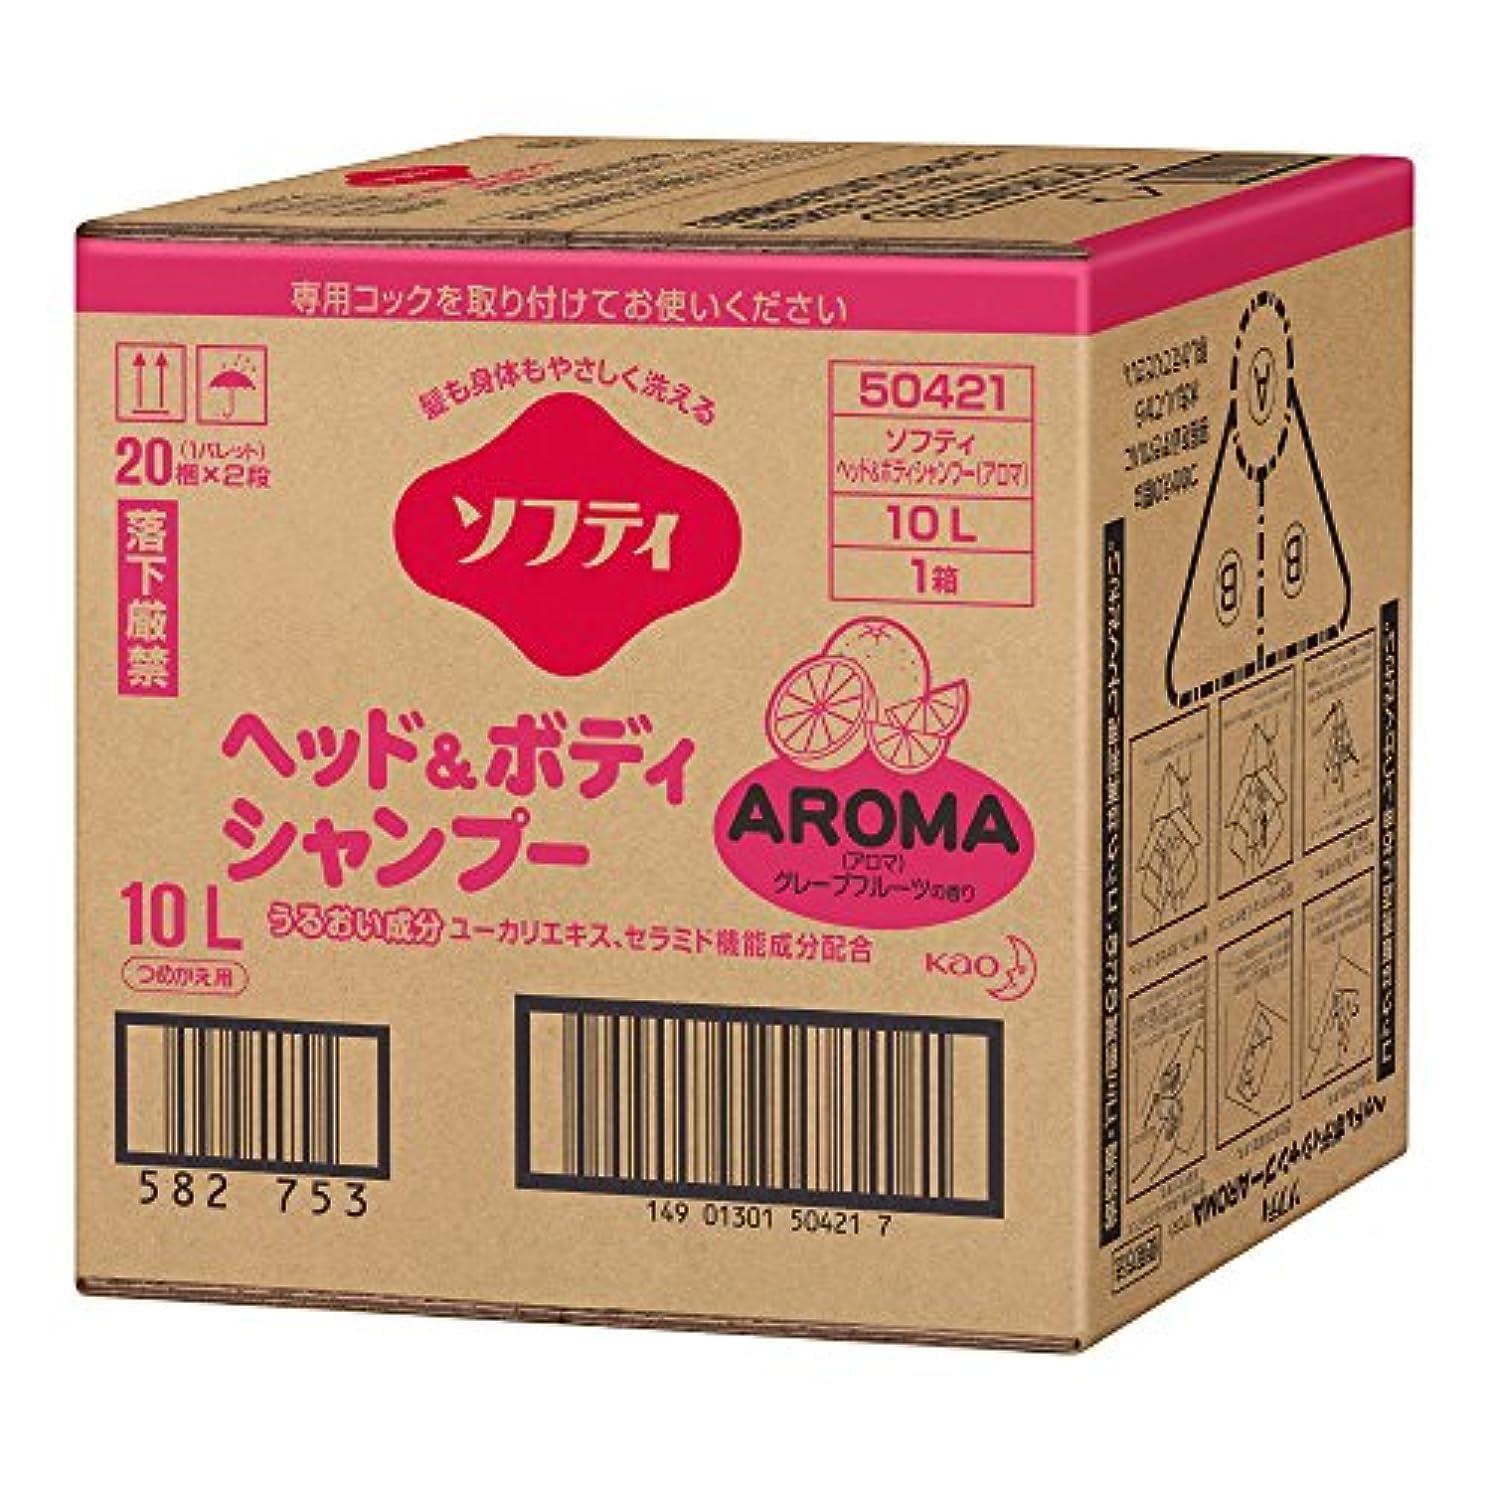 技術的な恐れ橋ソフティ ヘッド&ボディシャンプーAROMA(アロマ) 10L バッグインボックスタイプ (花王プロフェッショナルシリーズ)